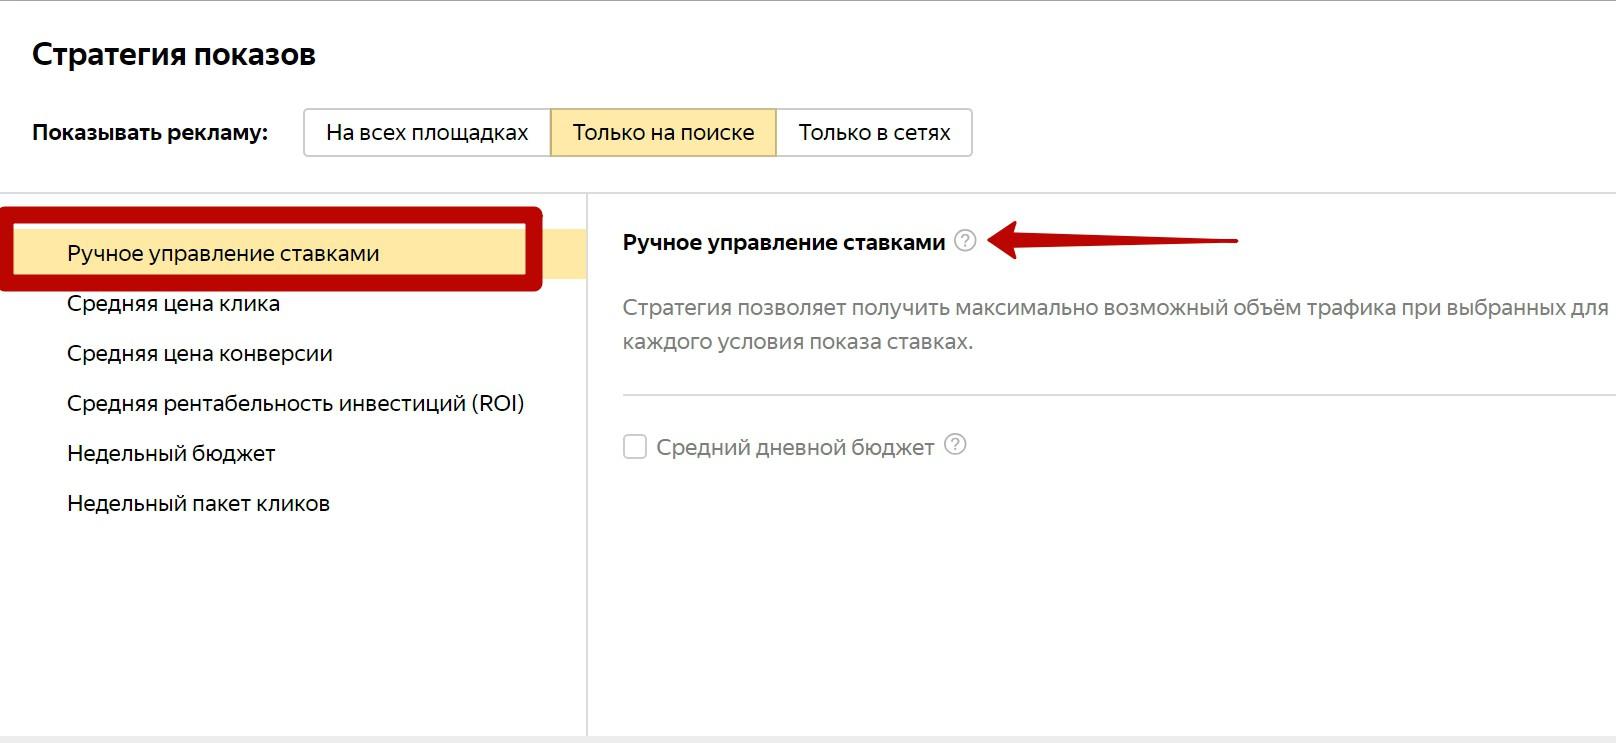 Реклама на поиске Яндекса – ручное управление ставками